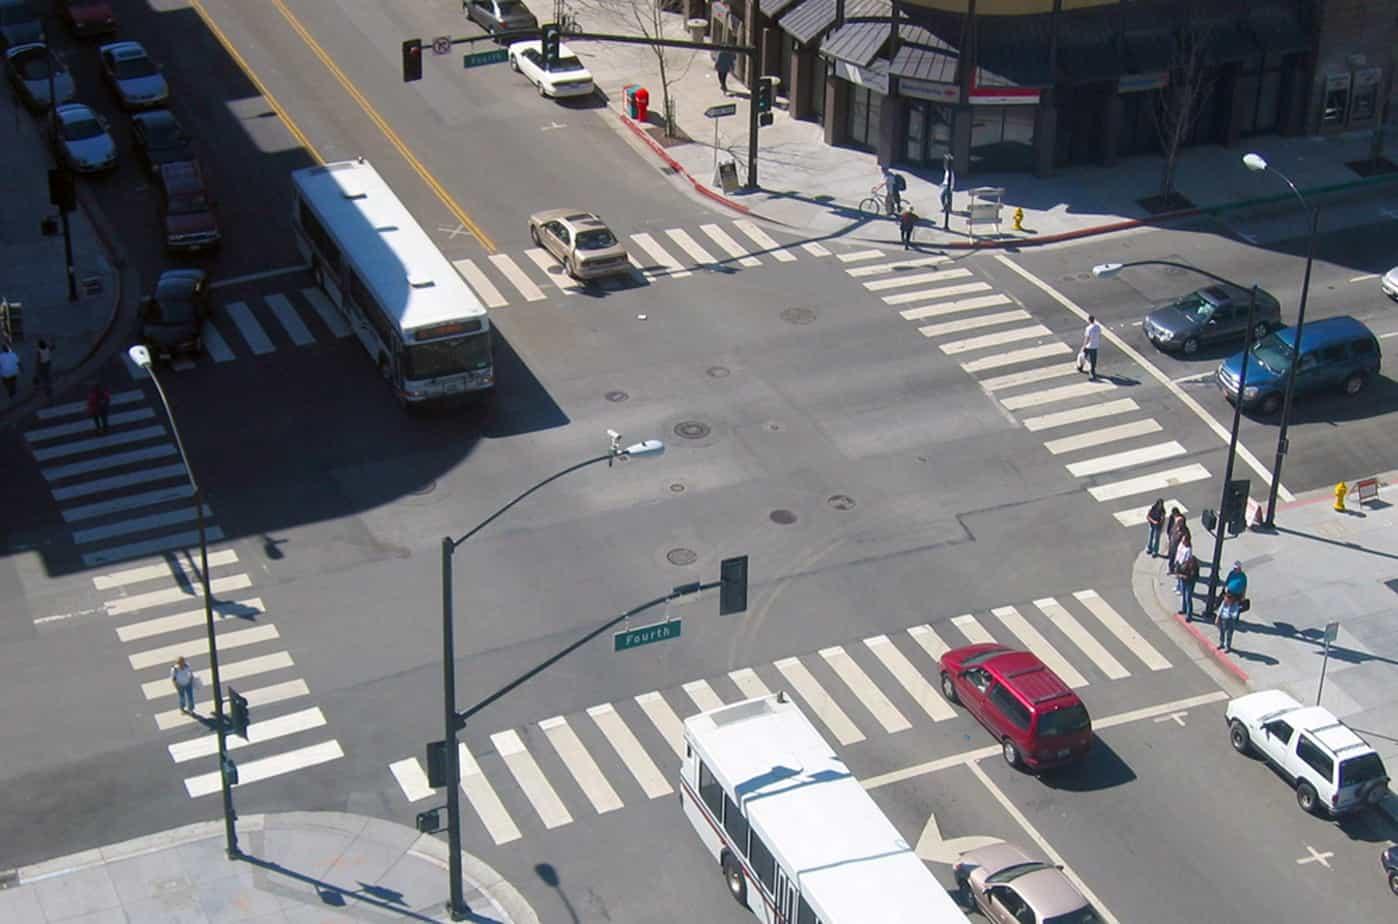 Ogni anno nell'intera Comunità Europea gli incidenti stradali causano un costo sociale e umano elevatissimo